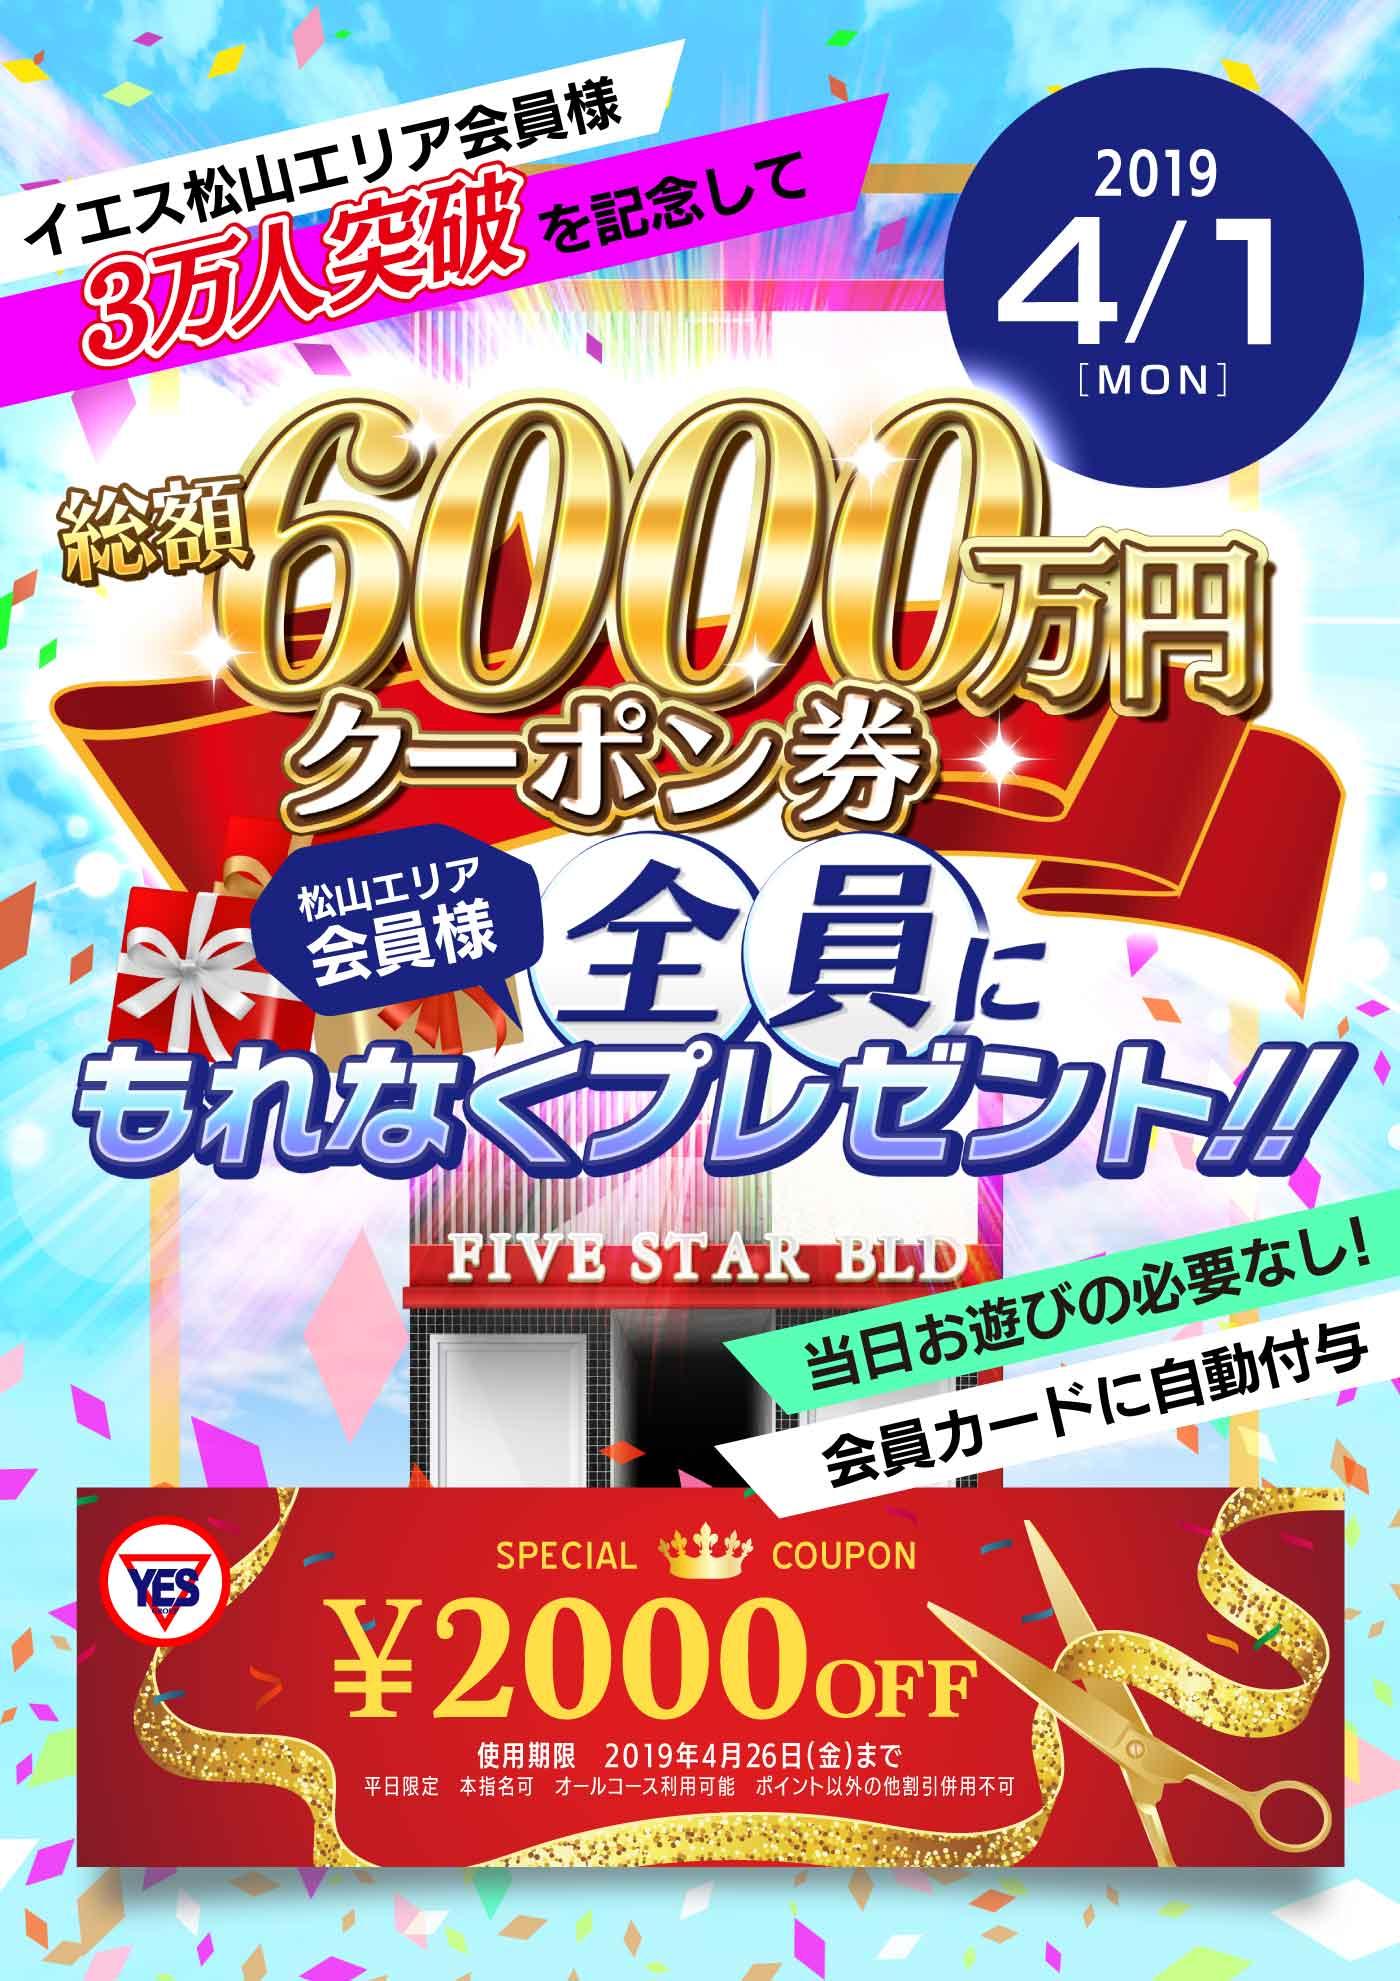 ・総額6千万円プレゼントイベント